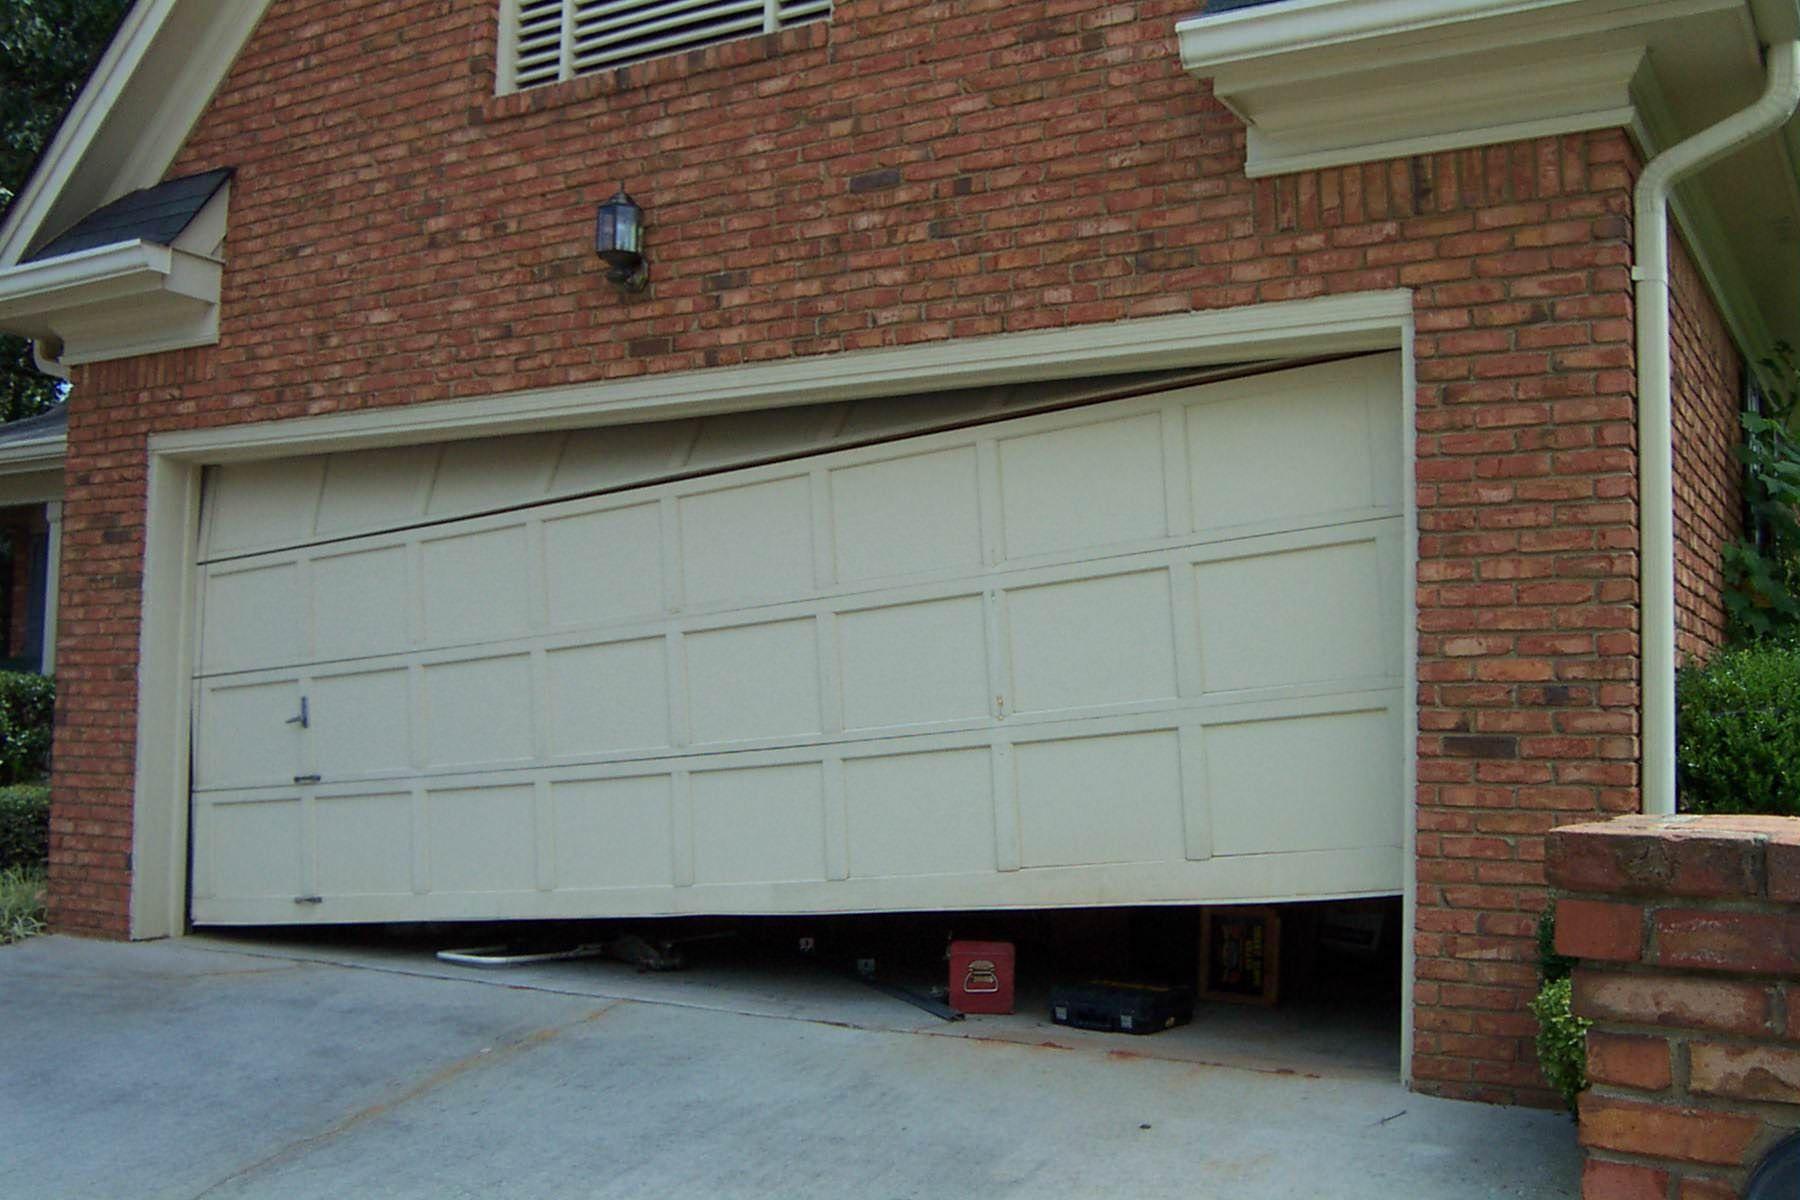 Garage door troubleshooting no power httpvoteno123 garage door troubleshooting no power rubansaba